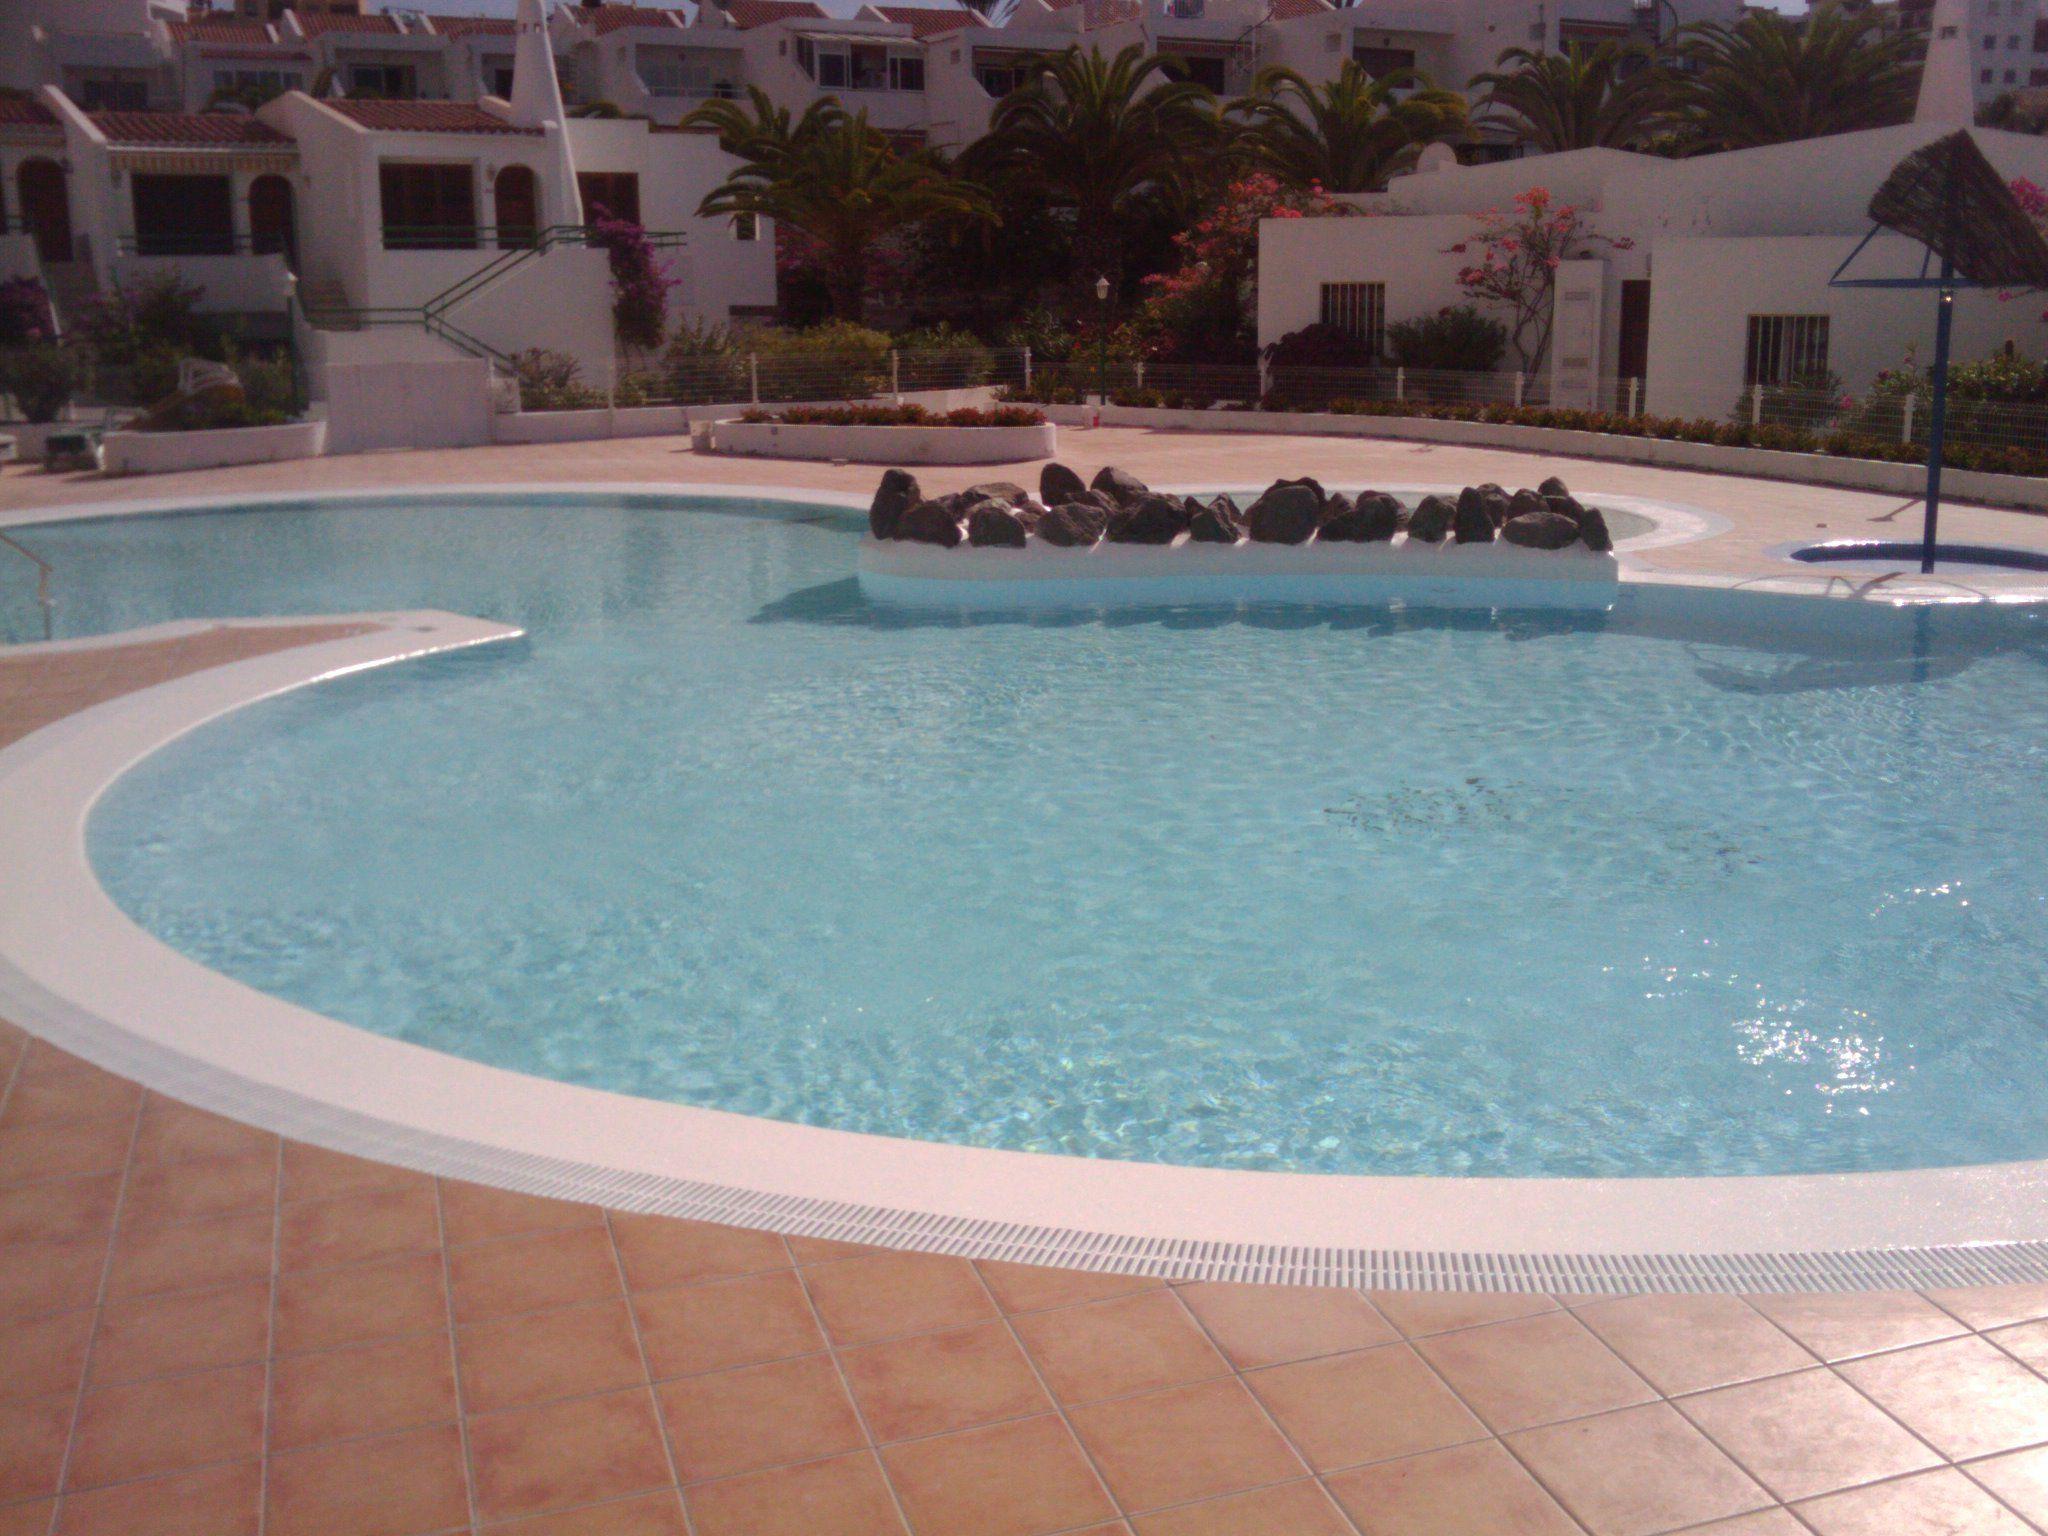 Construccion de piscinas en canarias coral piscinas for Construccion de piscinas